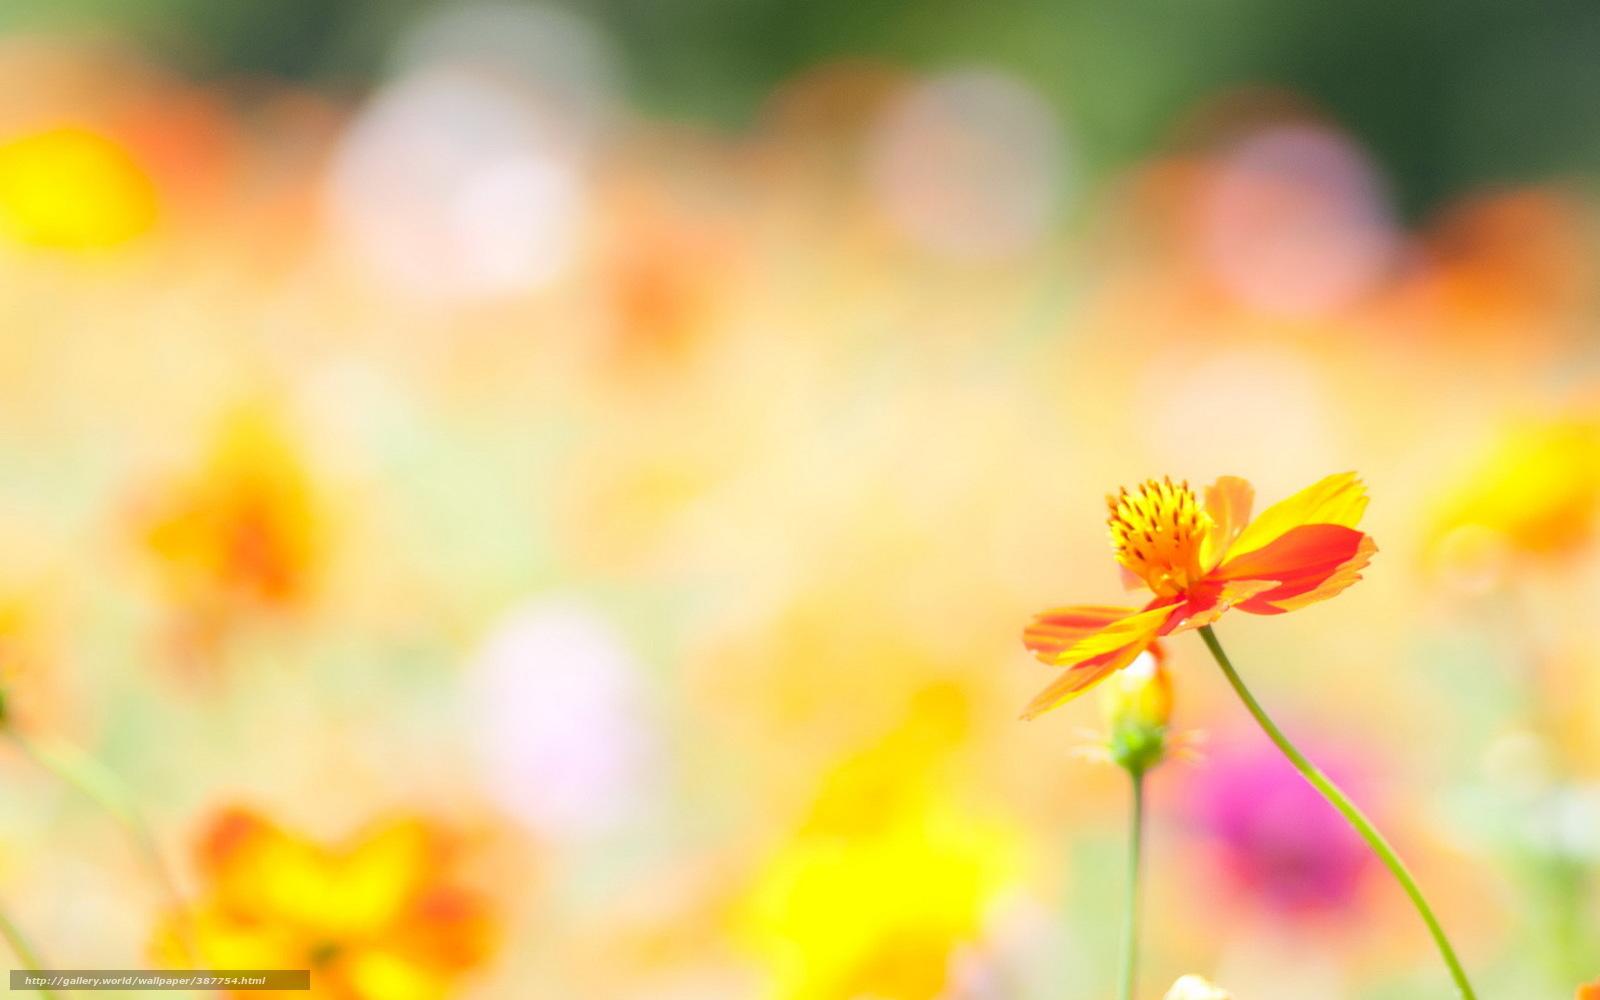 Descargar gratis flor verano naturaleza luz fondos de escritorio en la resolucin 1680x1050 - Fondos de escritorio verano ...